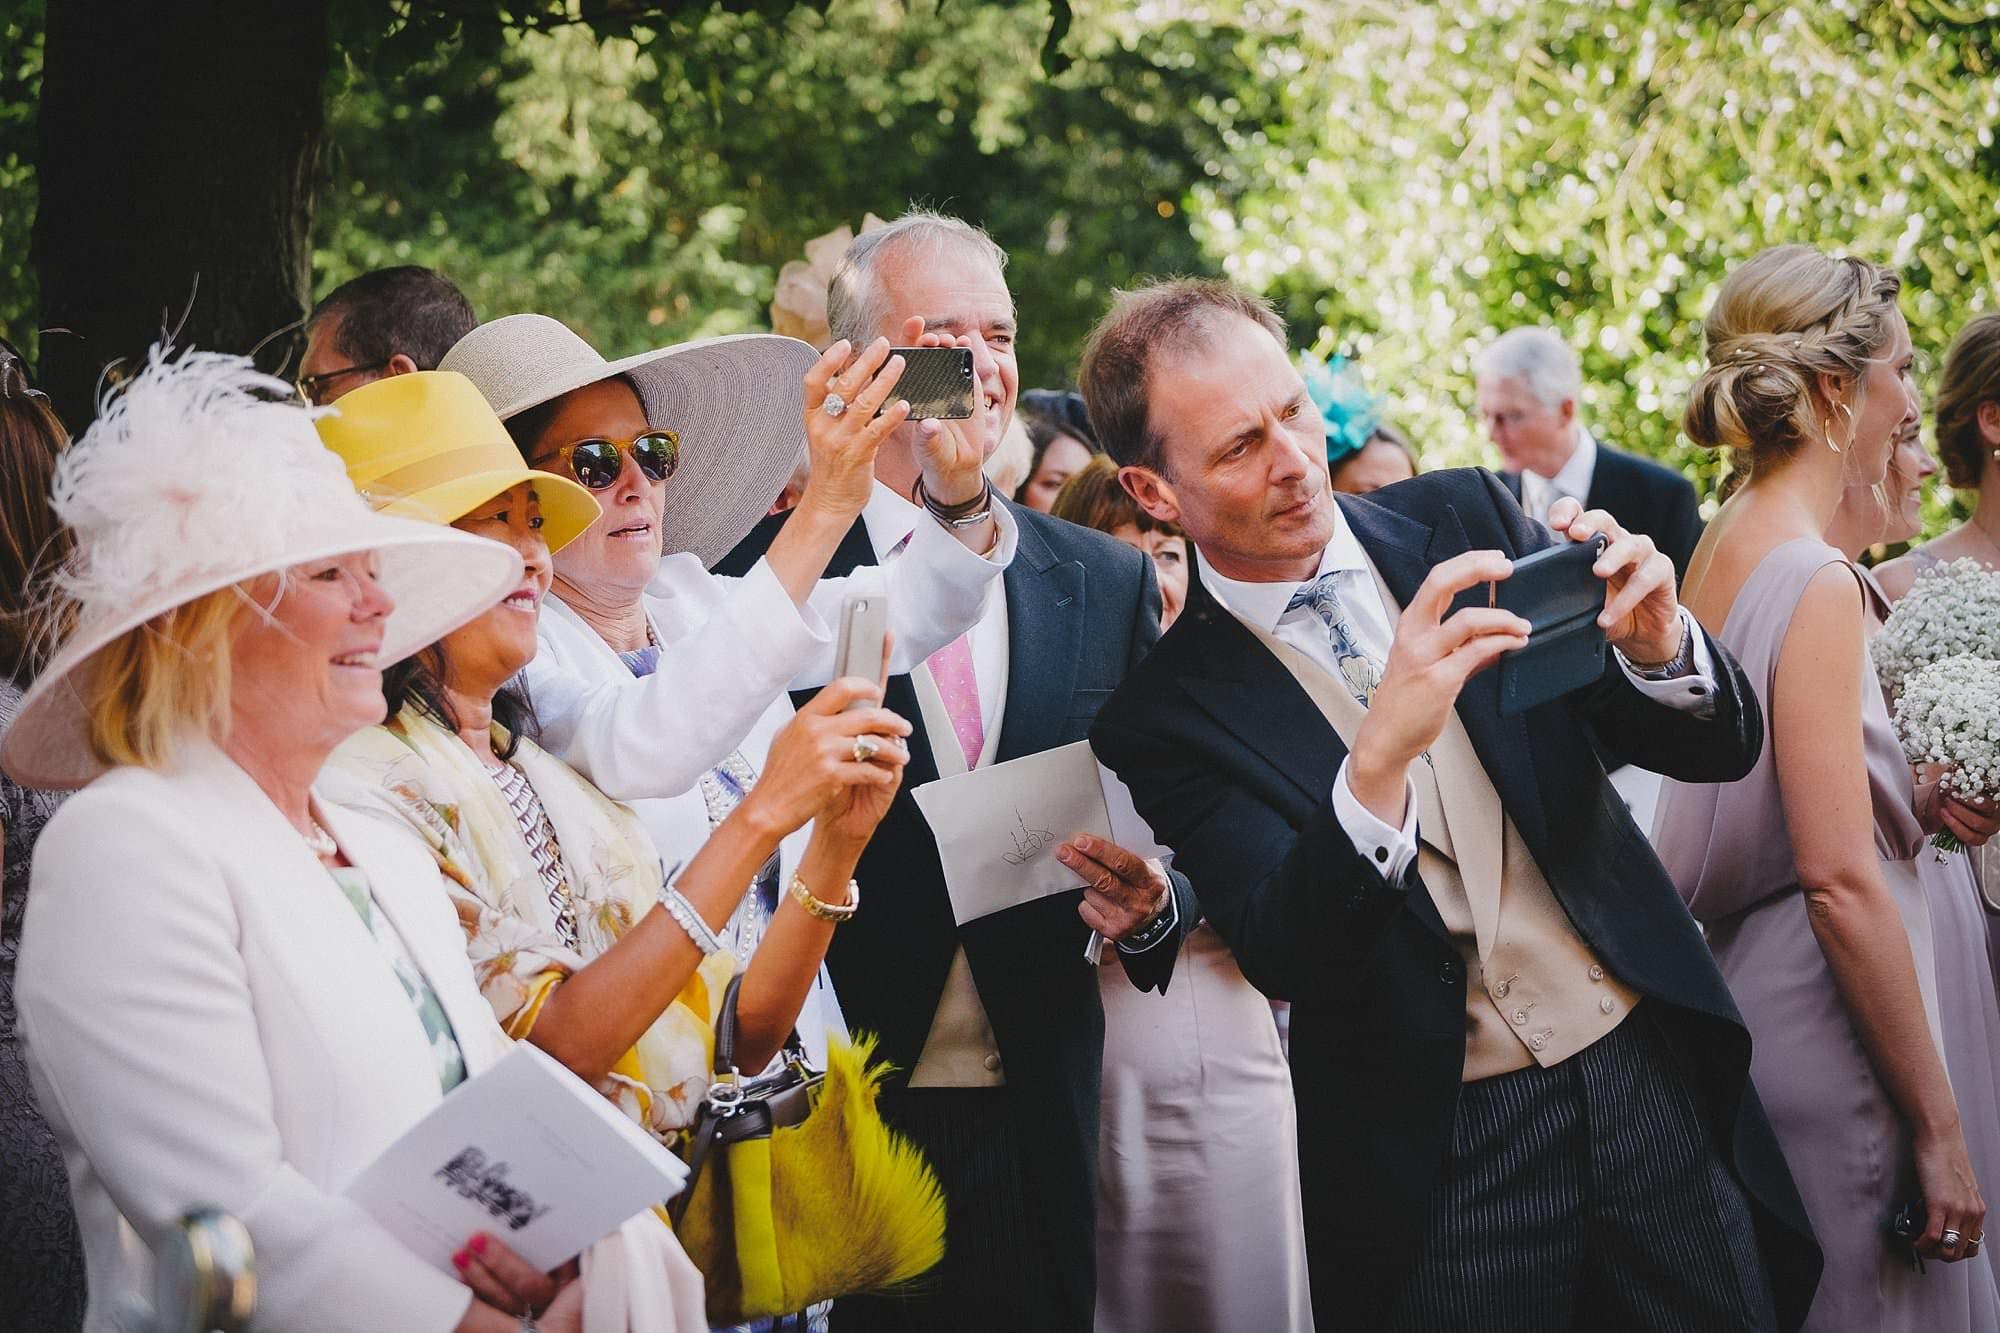 fulham palace wedding photographer 043 - Rosanna & Duncan's Fulham Palace Wedding